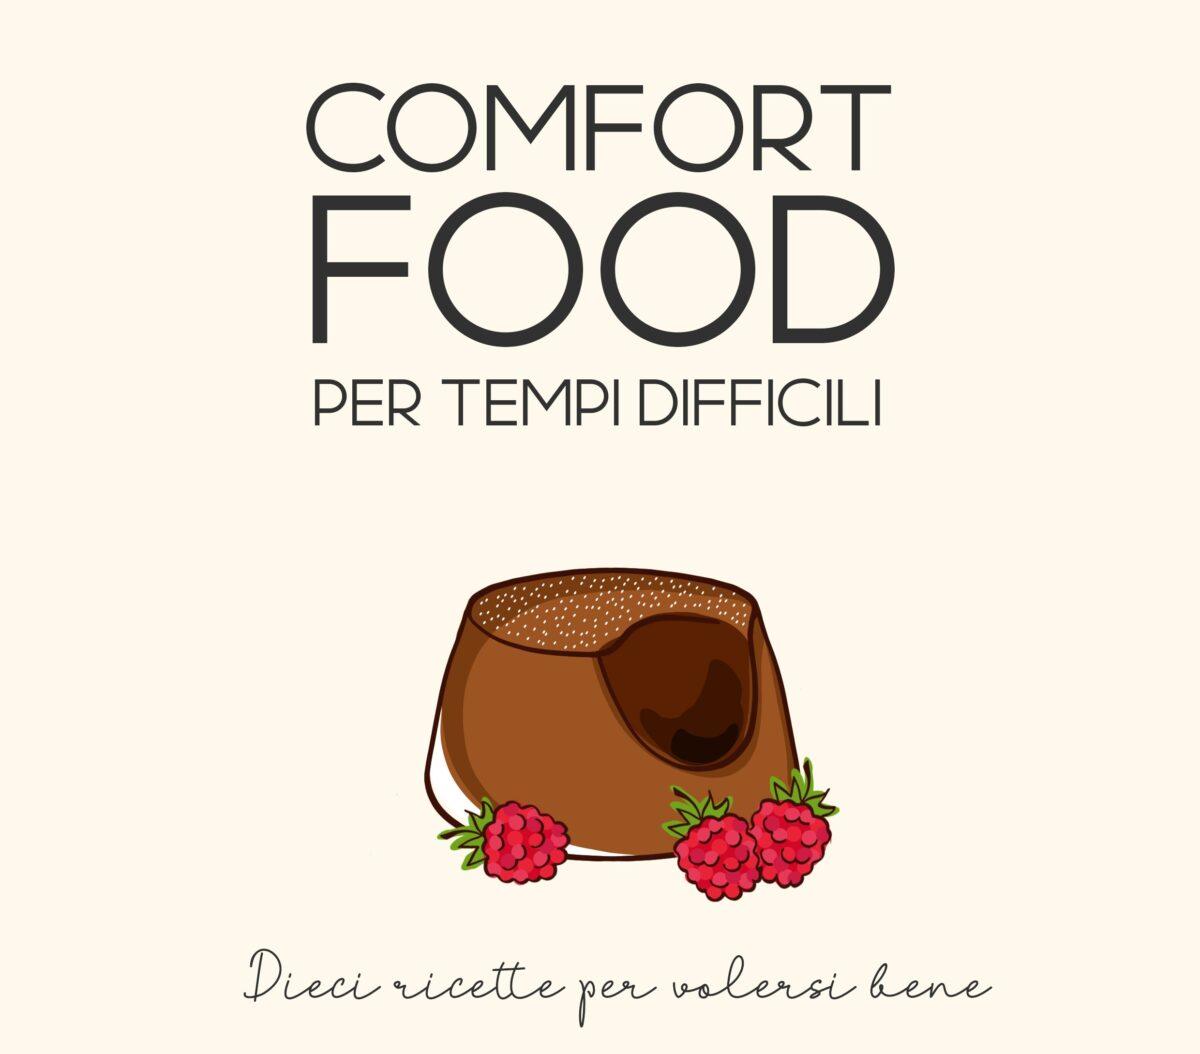 copertina ricettario digitale sui comfort food